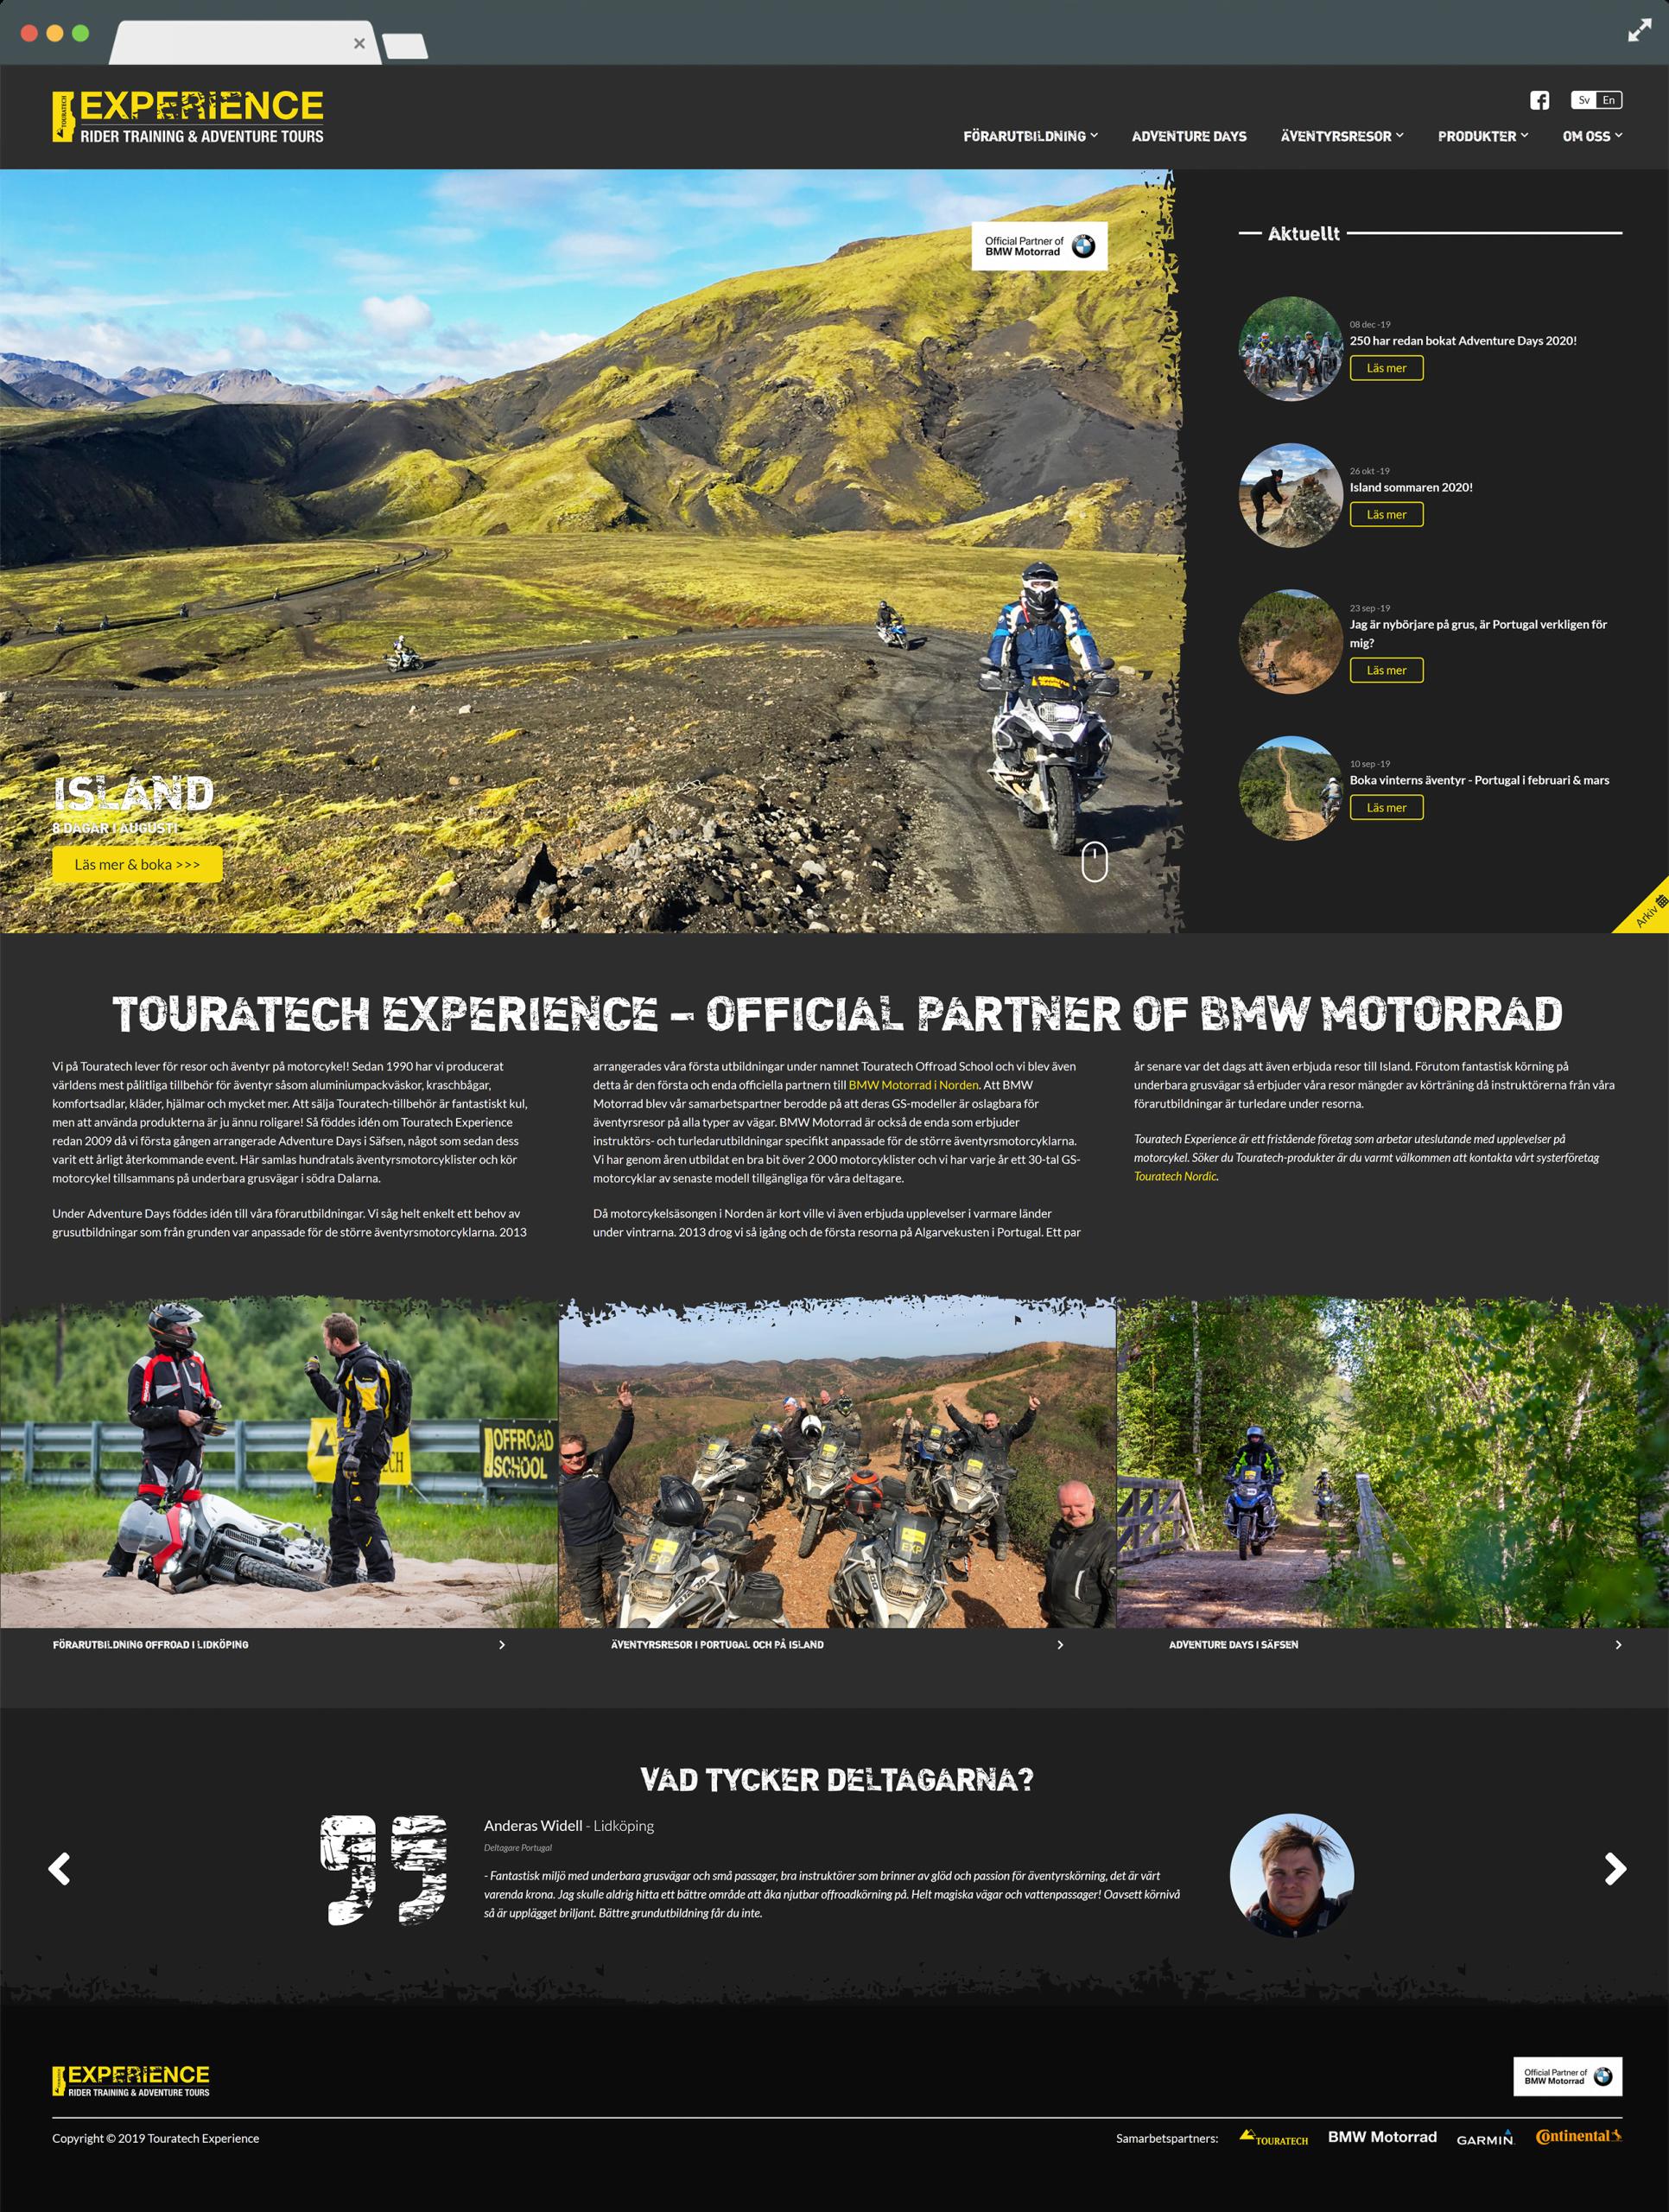 Startsidan på touratechexperience.com - webbdesign av kraner.se